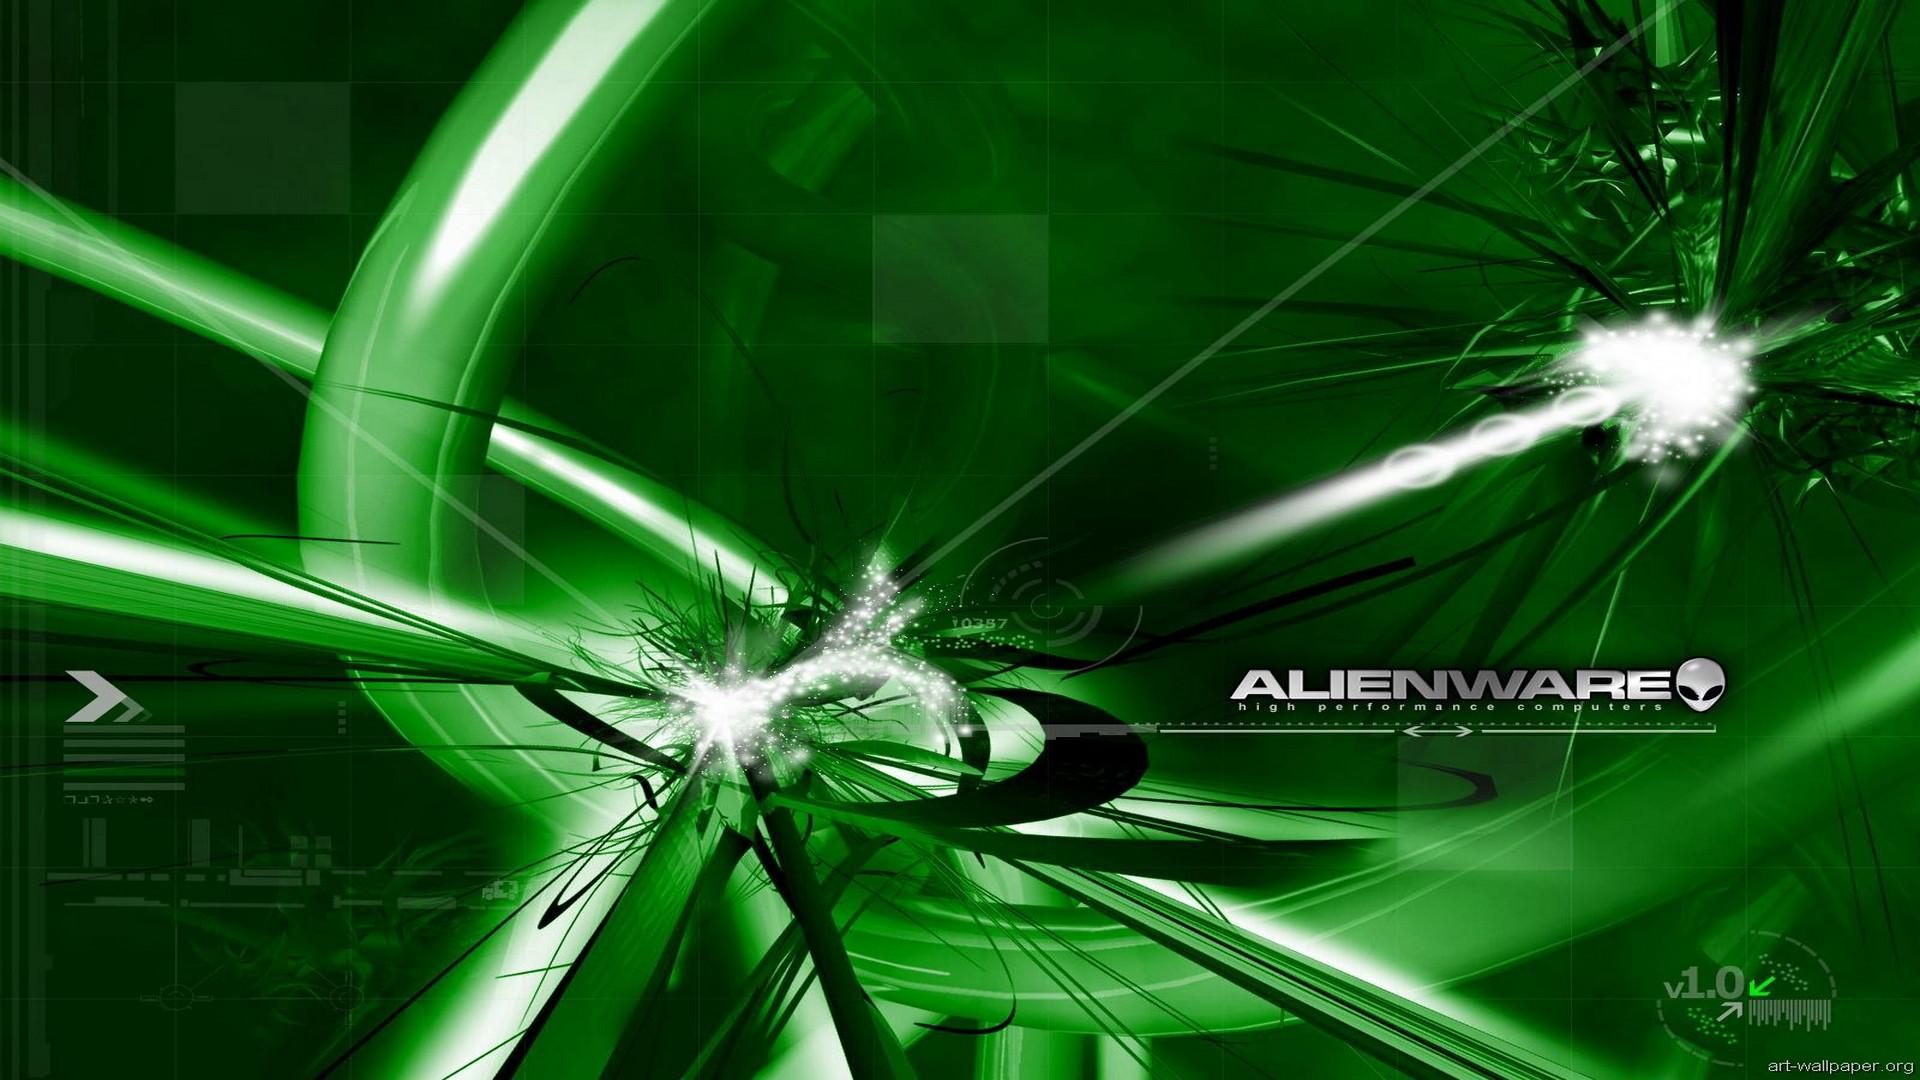 Green Alienware wallpaper 148913